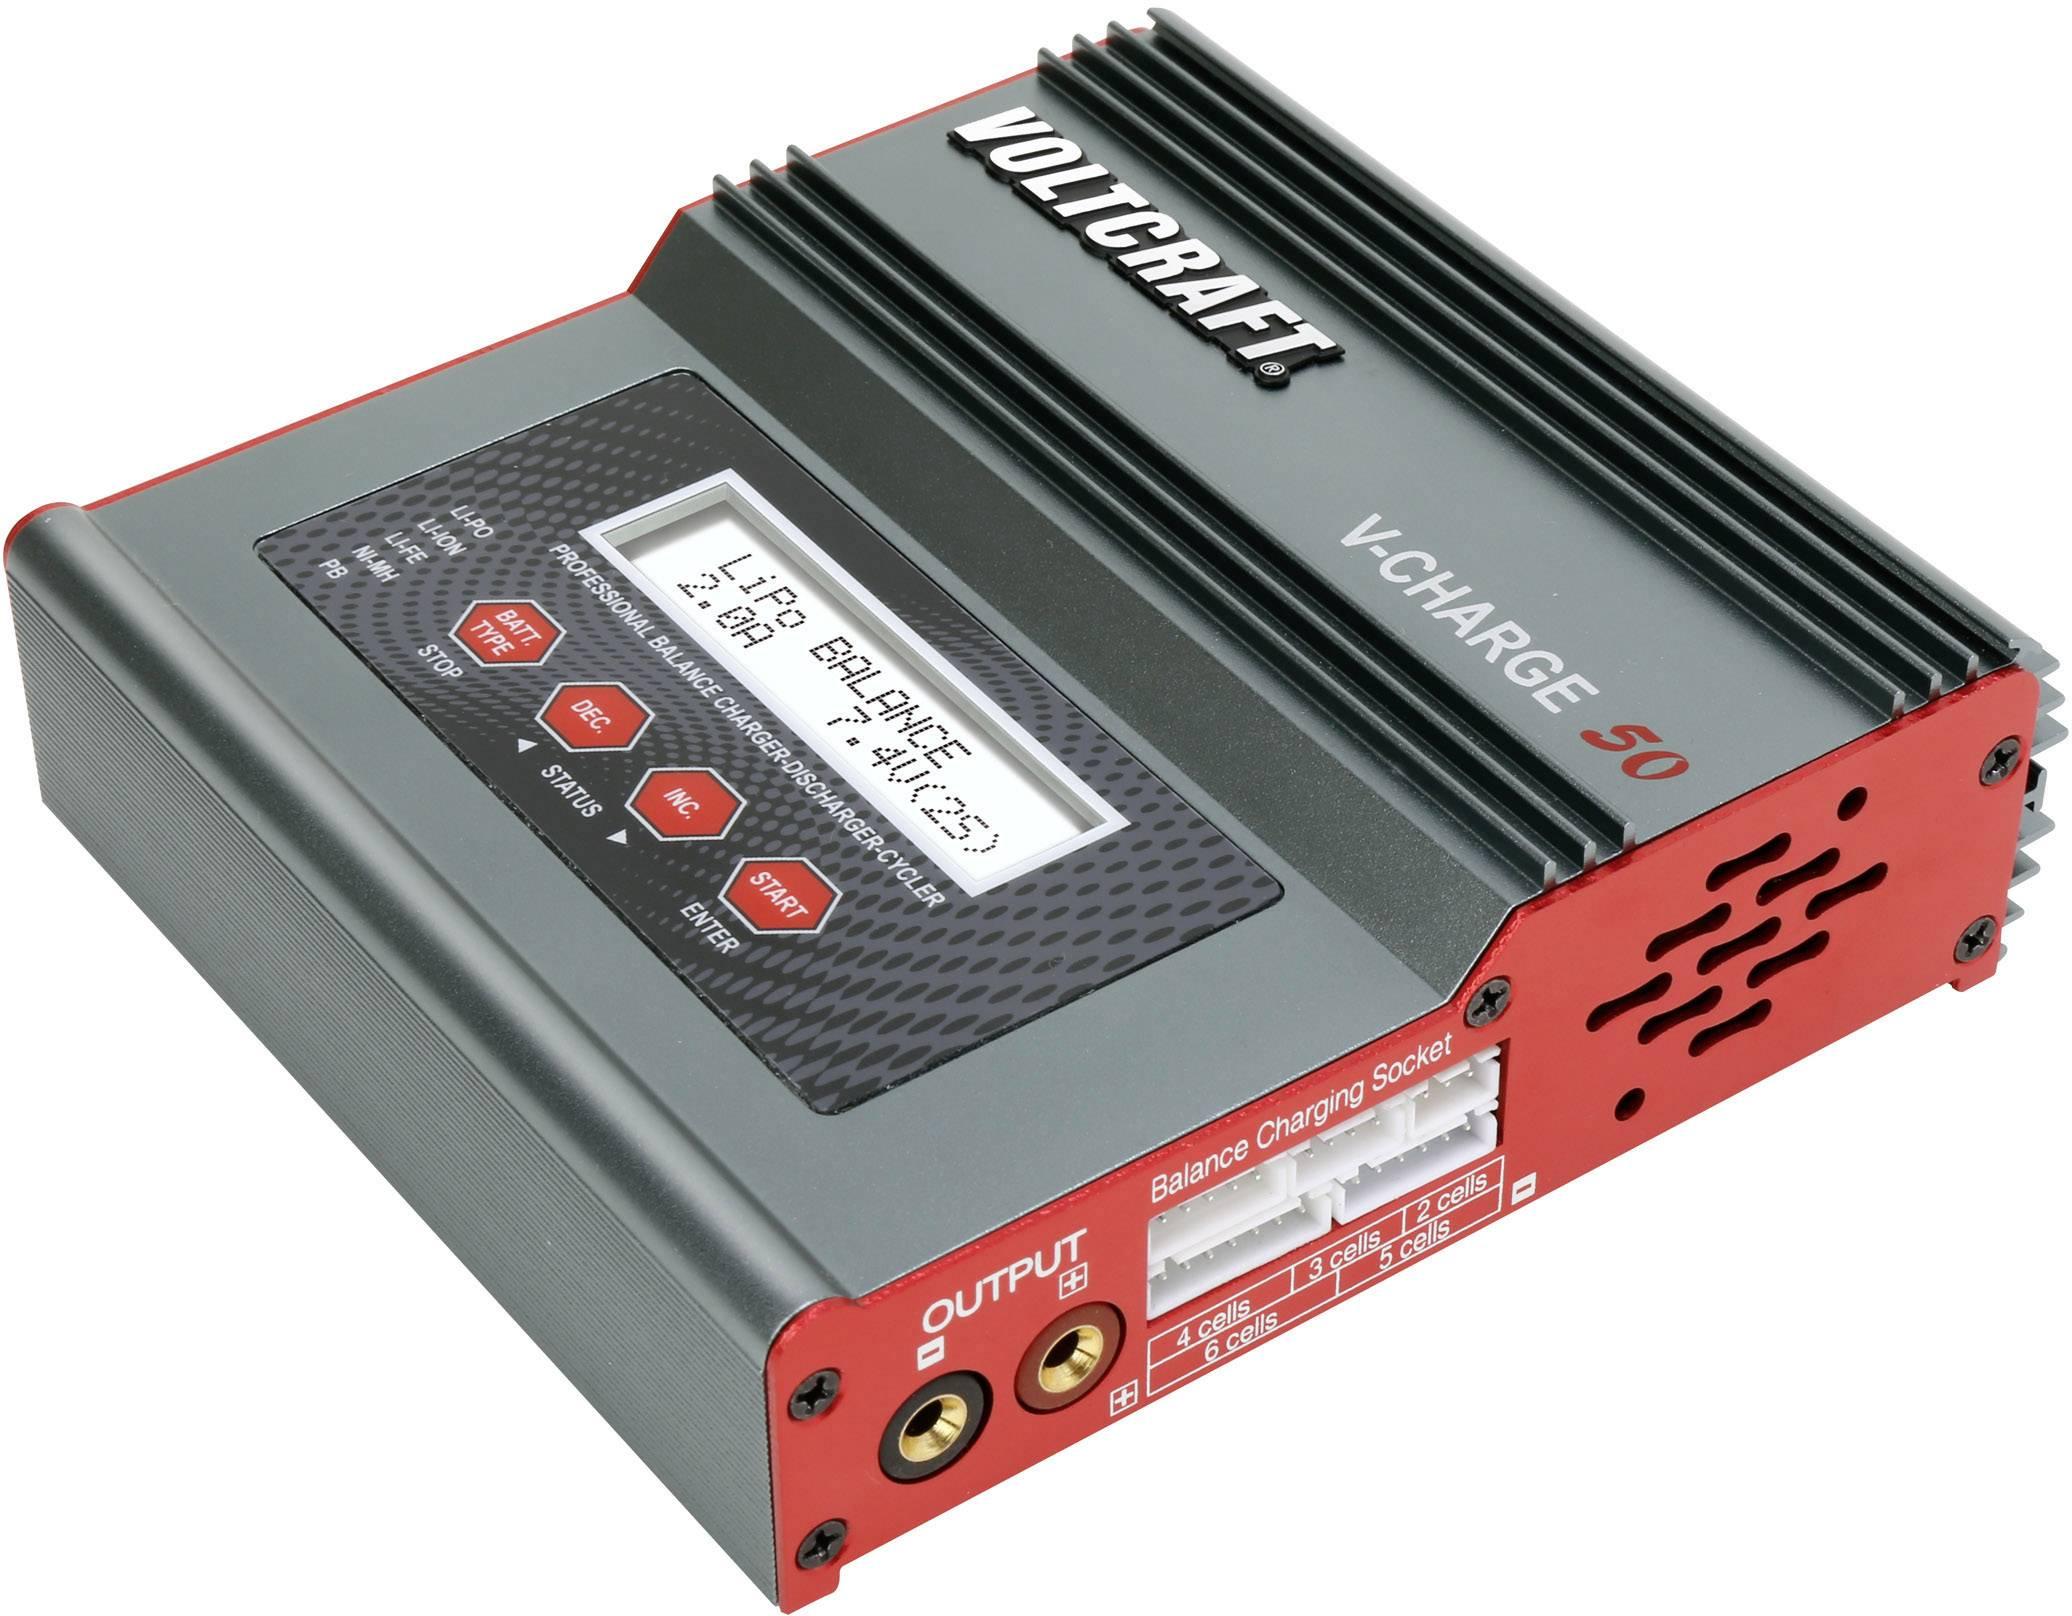 Modelárska multifunkčná nabíjačka VOLTCRAFT V-Charge 50 1416554, 12 V, 230 V, 7 A